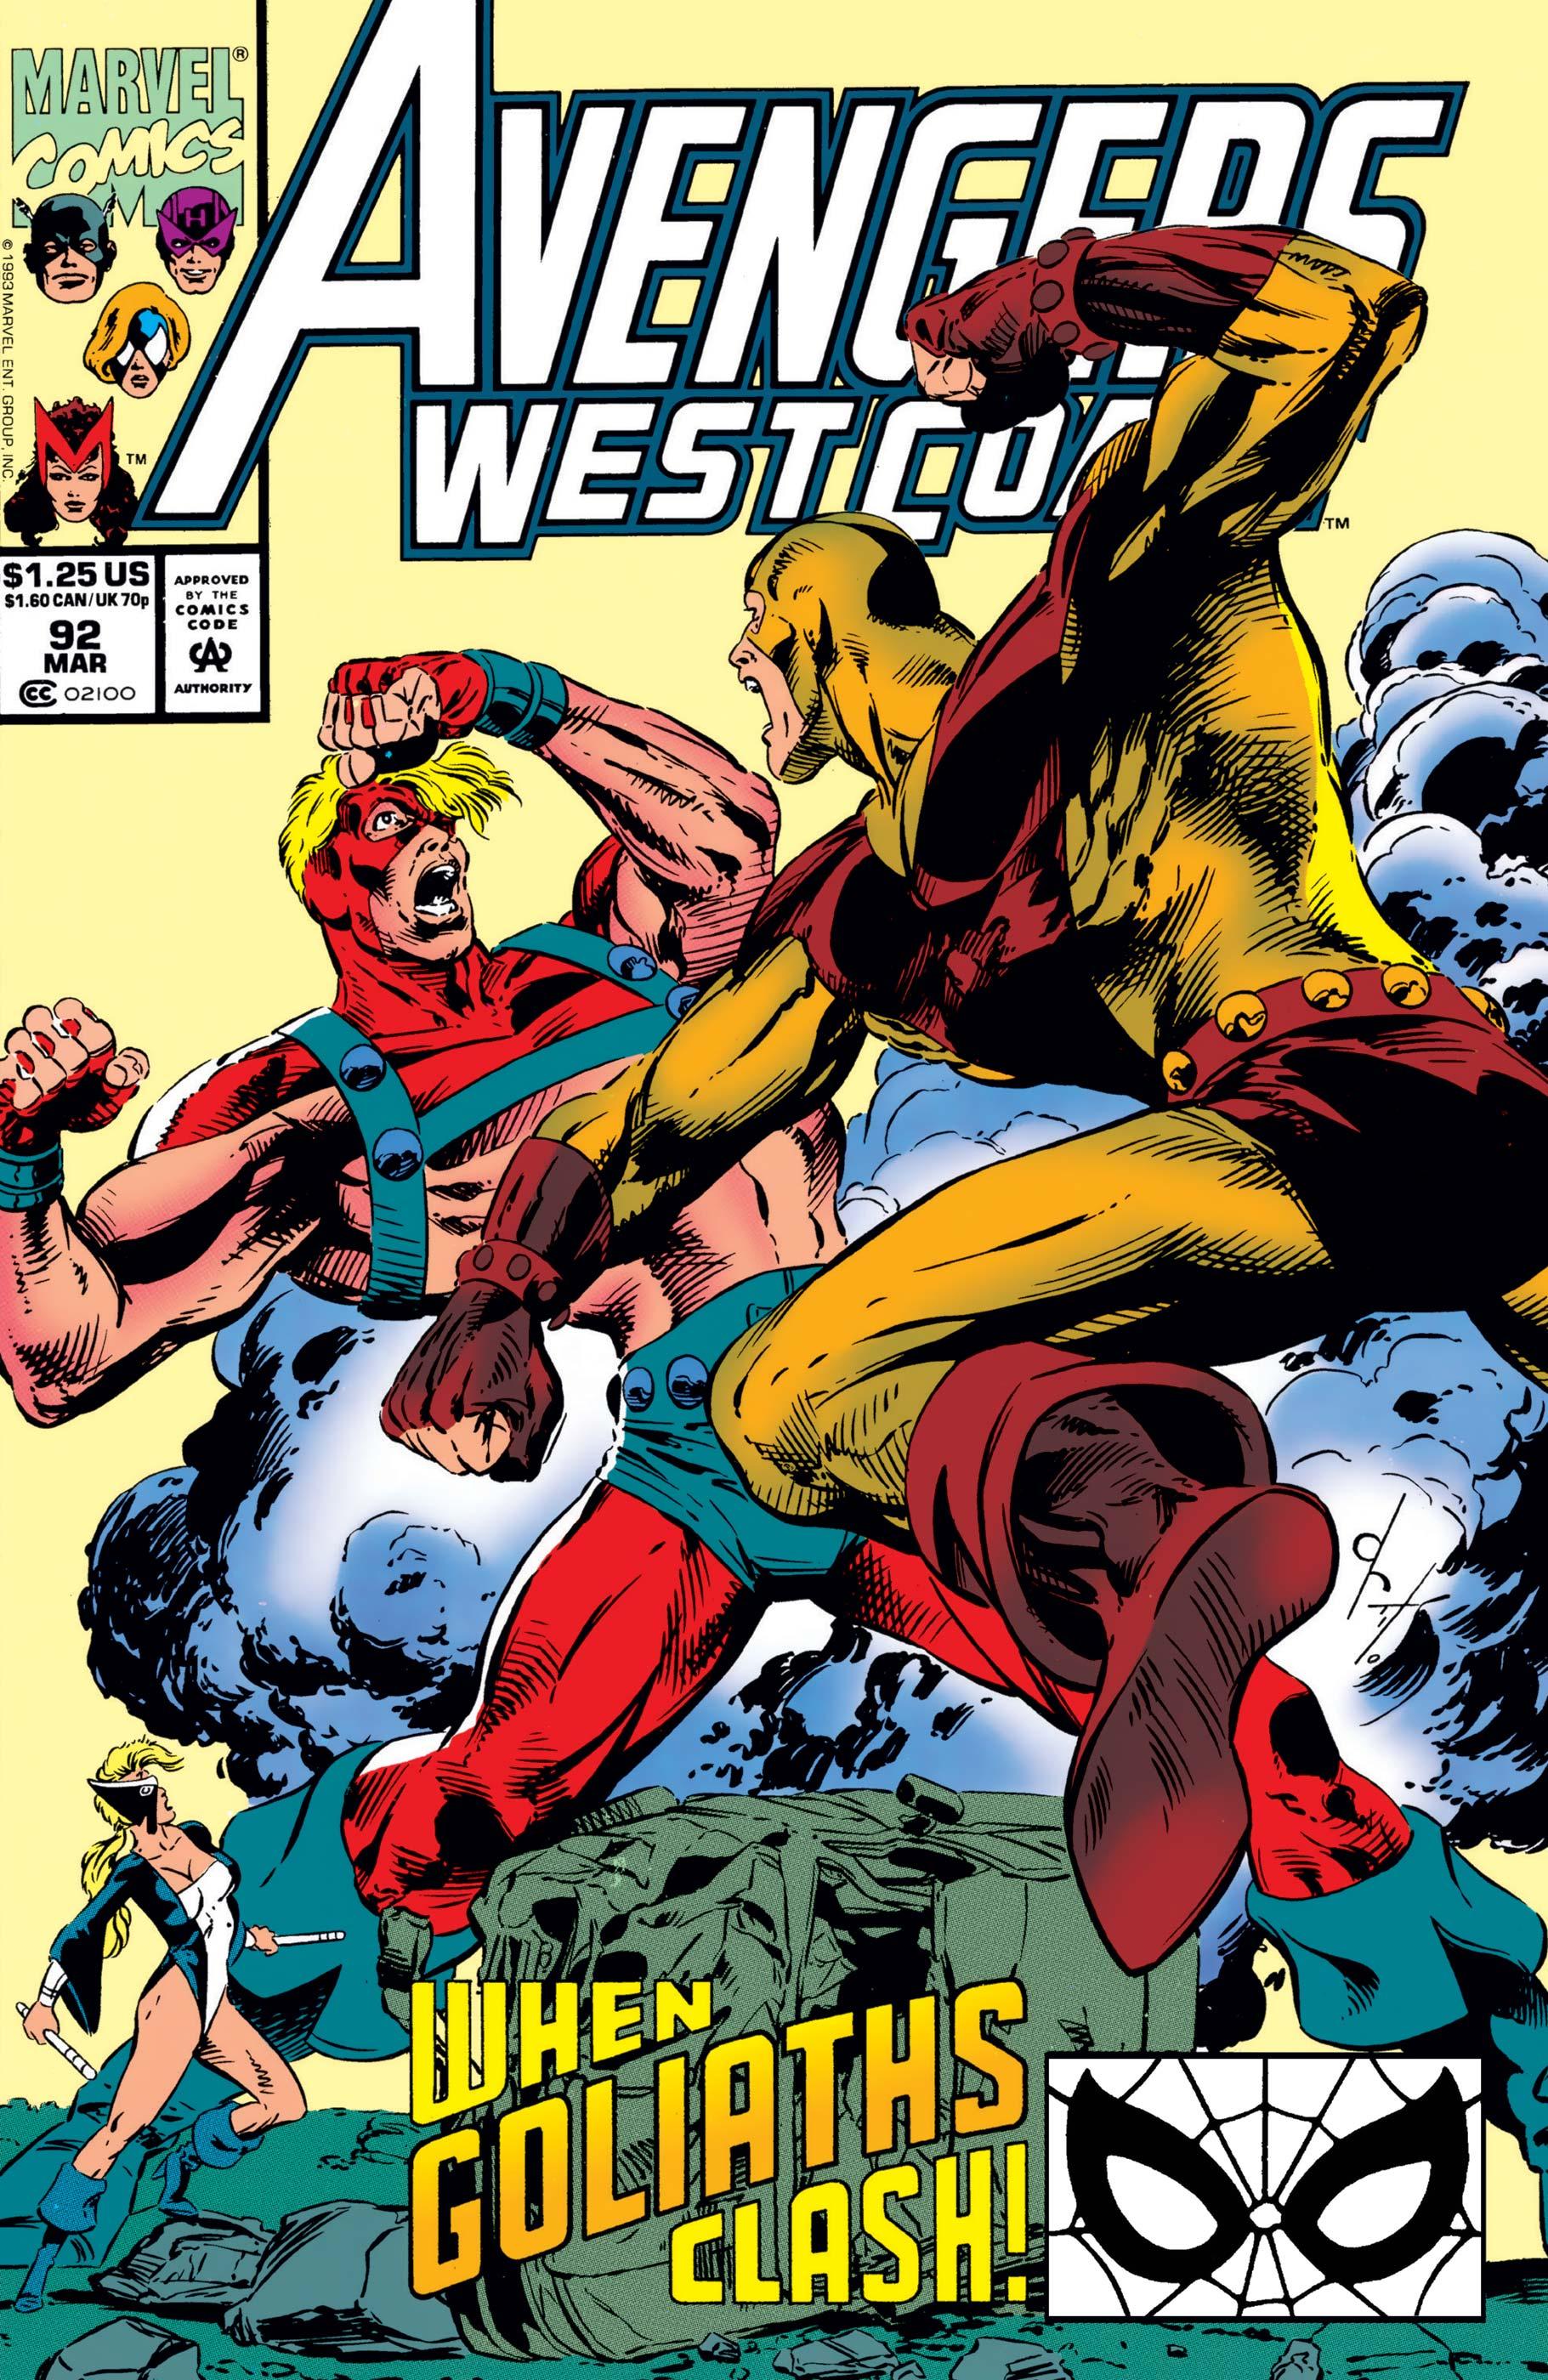 West Coast Avengers (1985) #92